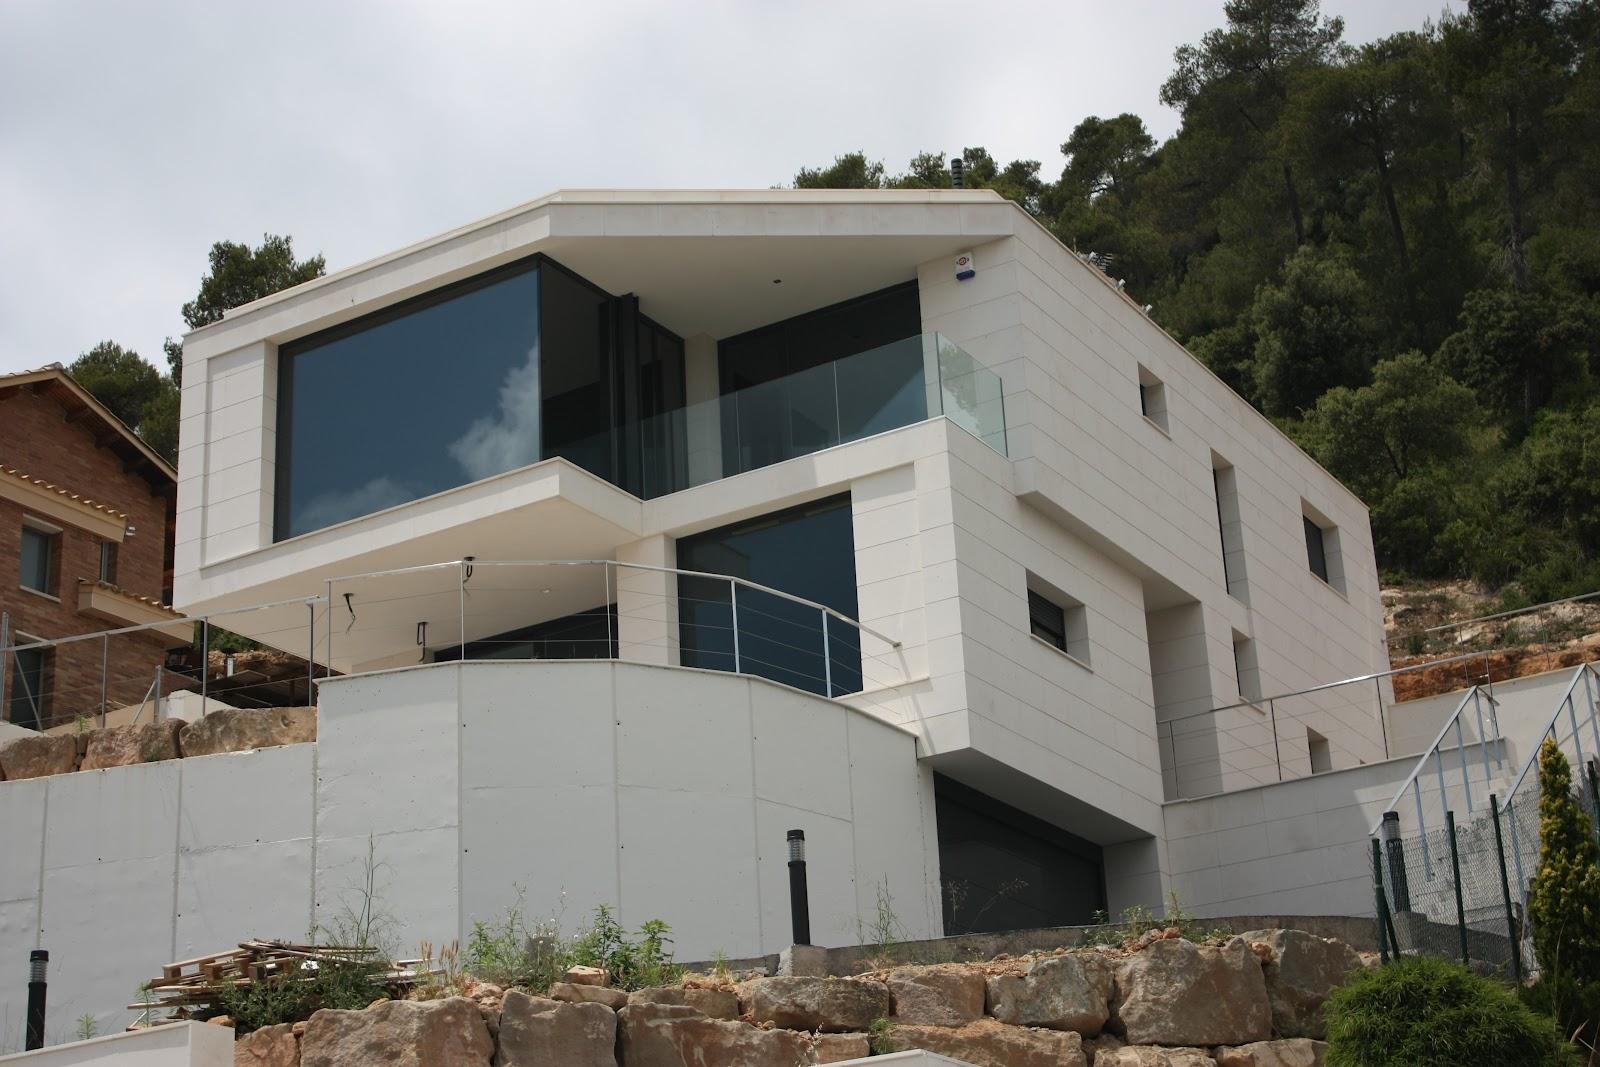 Casas modulares blochouse casa en vallirana - Casas modulares barcelona ...